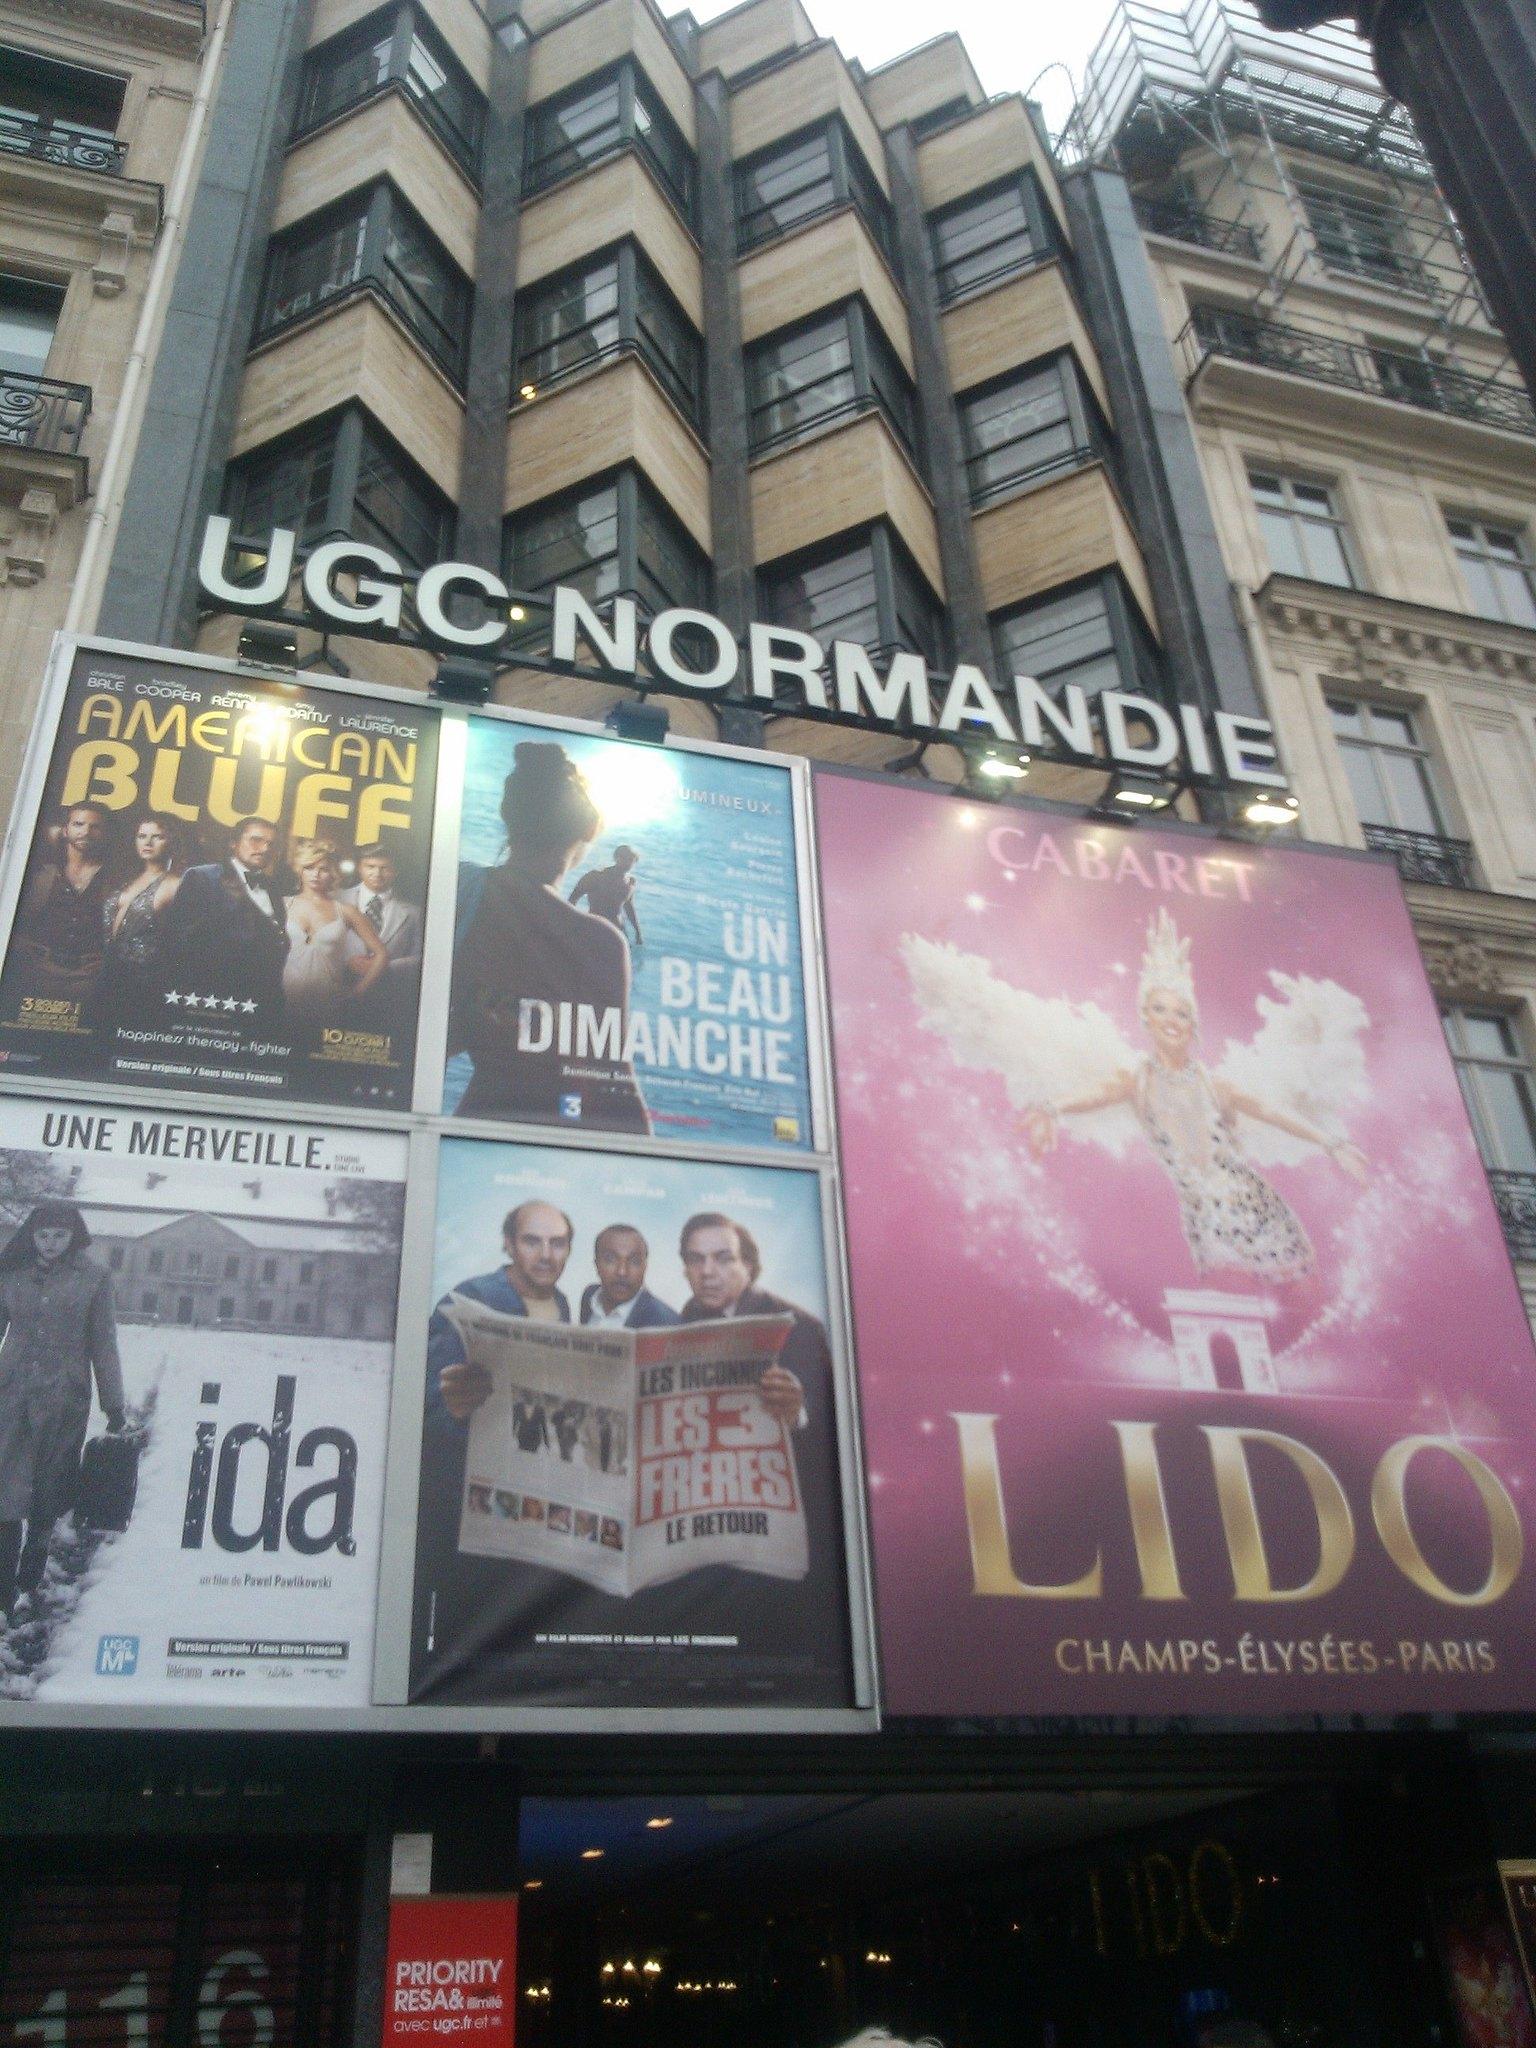 Lido - Champs Élysées